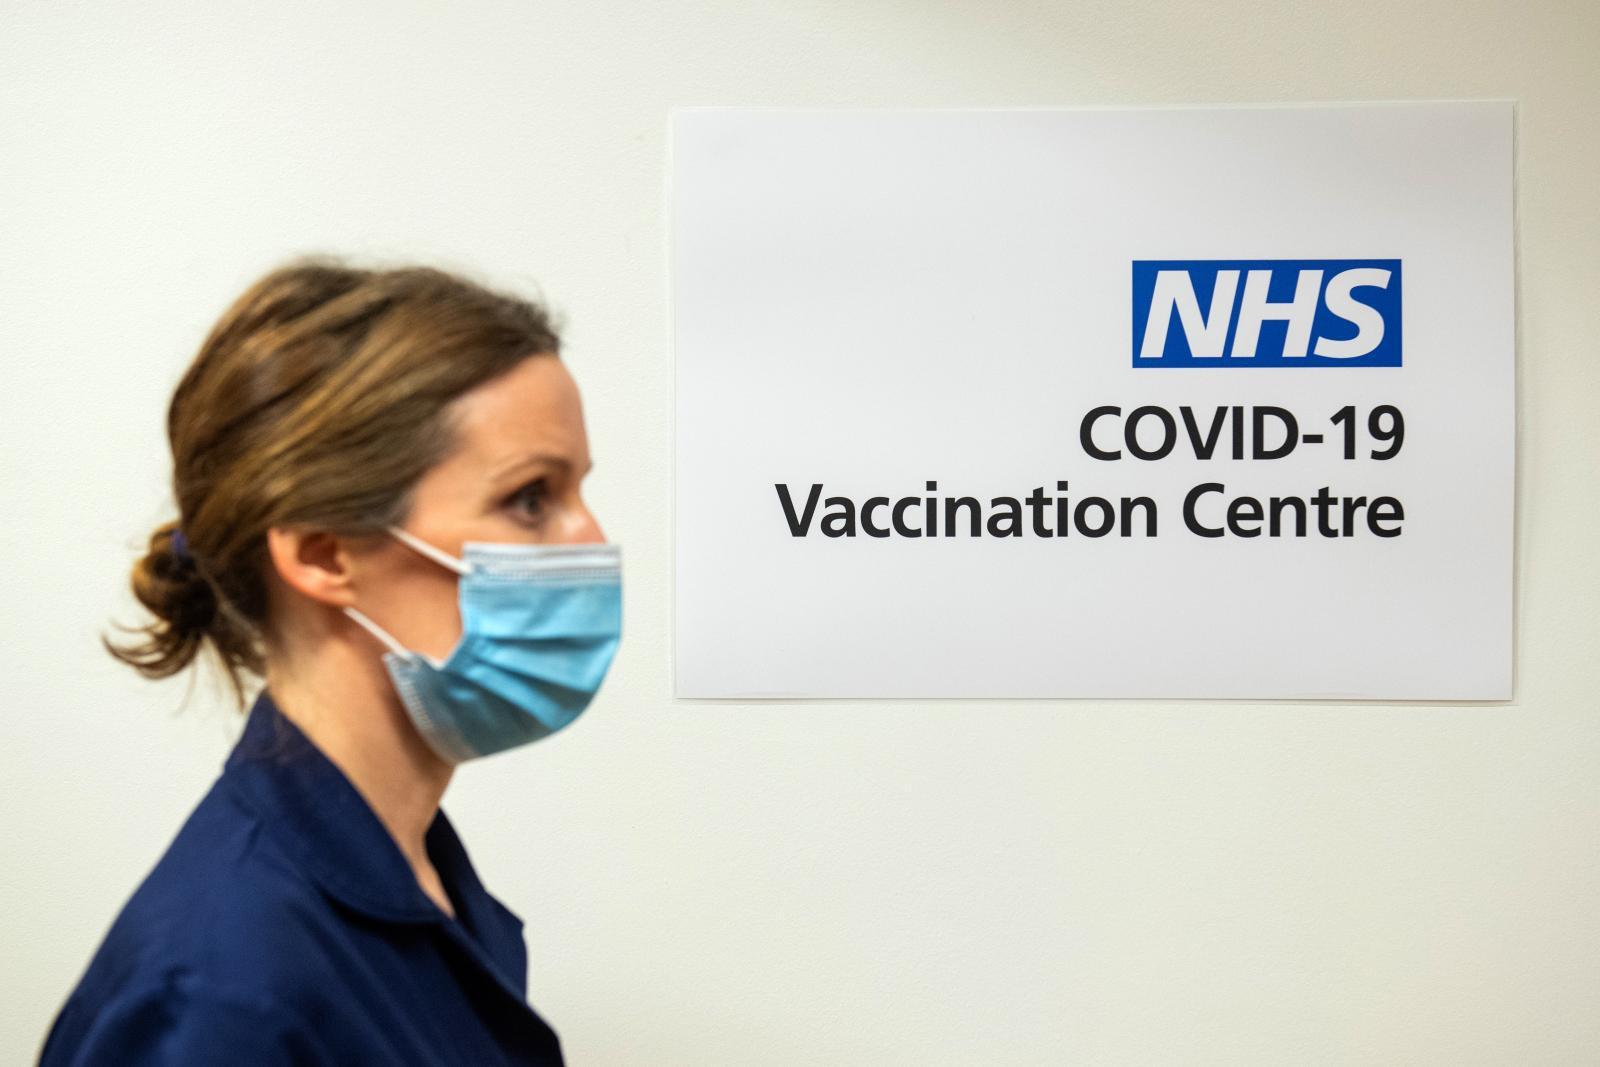 อังกฤษ เริ่มฉีดวัคซีนโควิดทั่วประเทศวันแรก เชื่อปชช.ใช้ชีวิตปกติได้ มี.ค. ปีหน้า